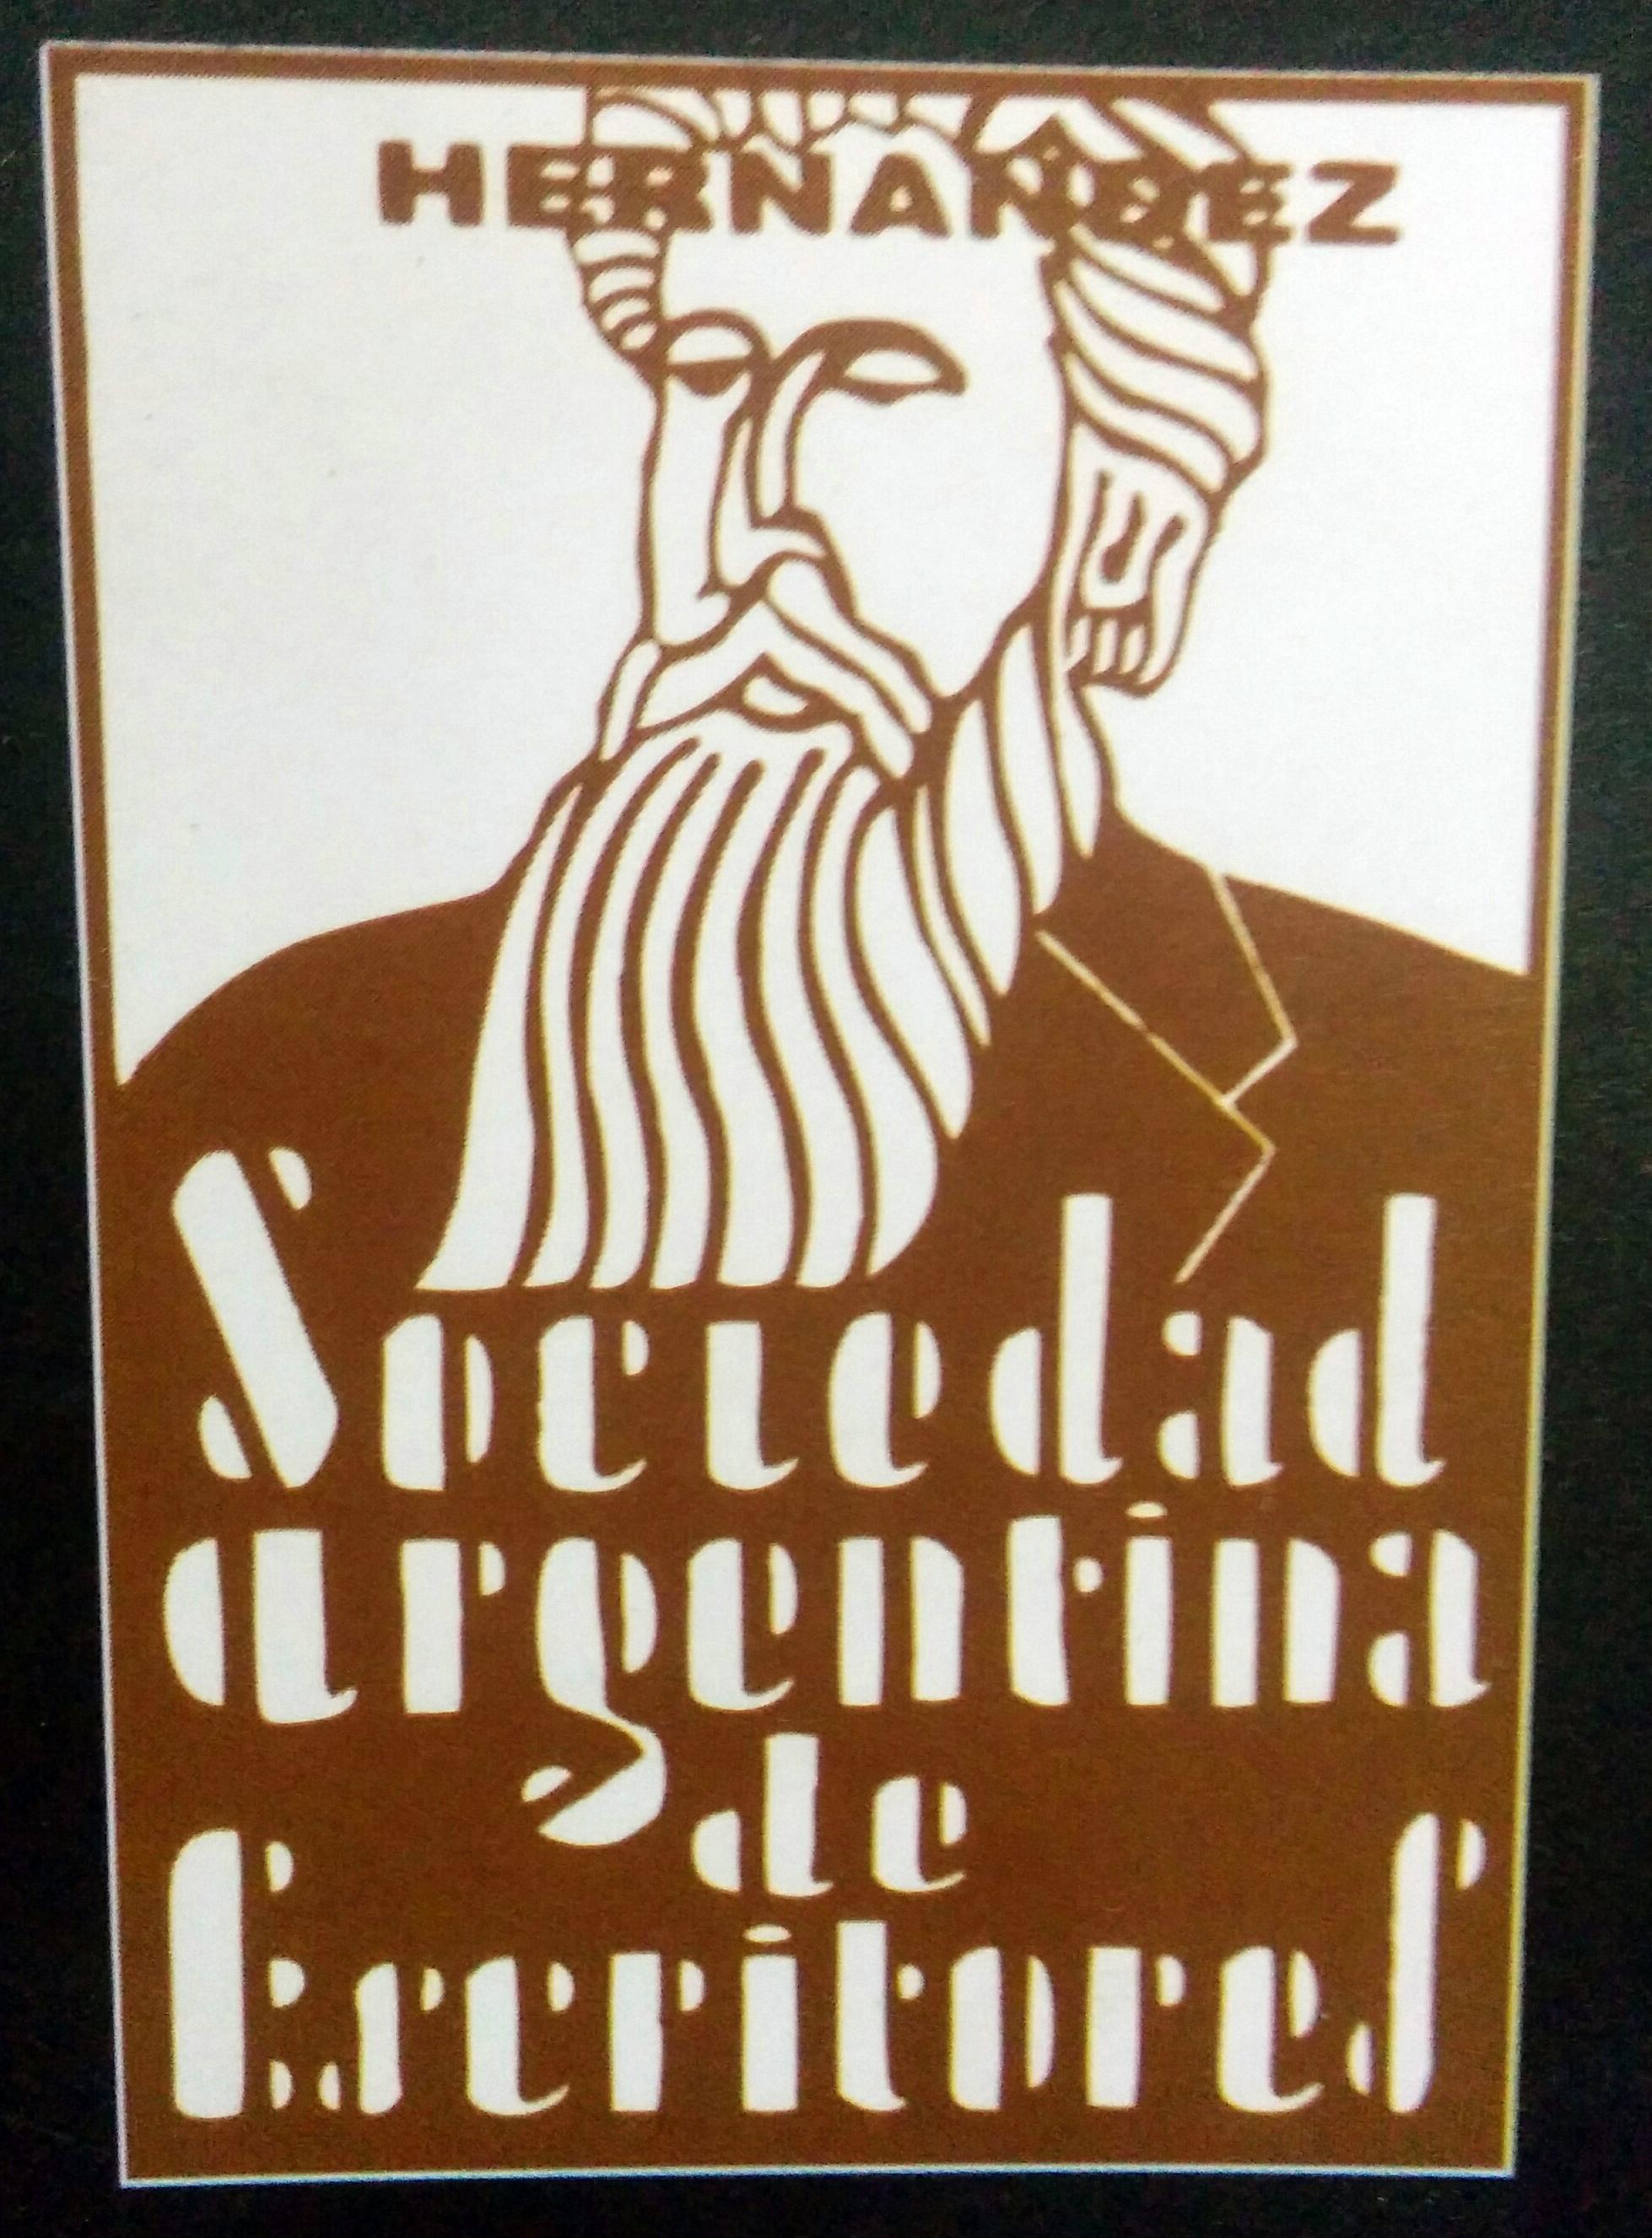 Emblema o logotipo que identifica a la Sociedad Argentina de Escritores